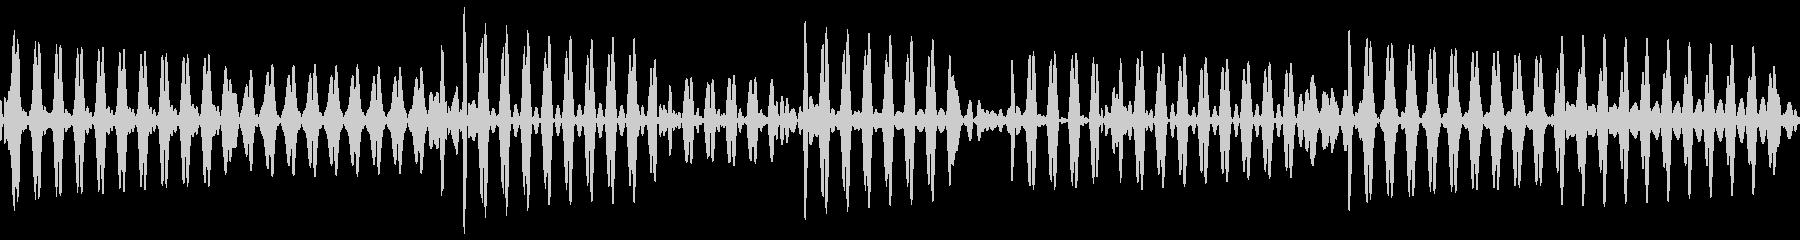 ベース指弾き 4/4 140(ソ)1の未再生の波形